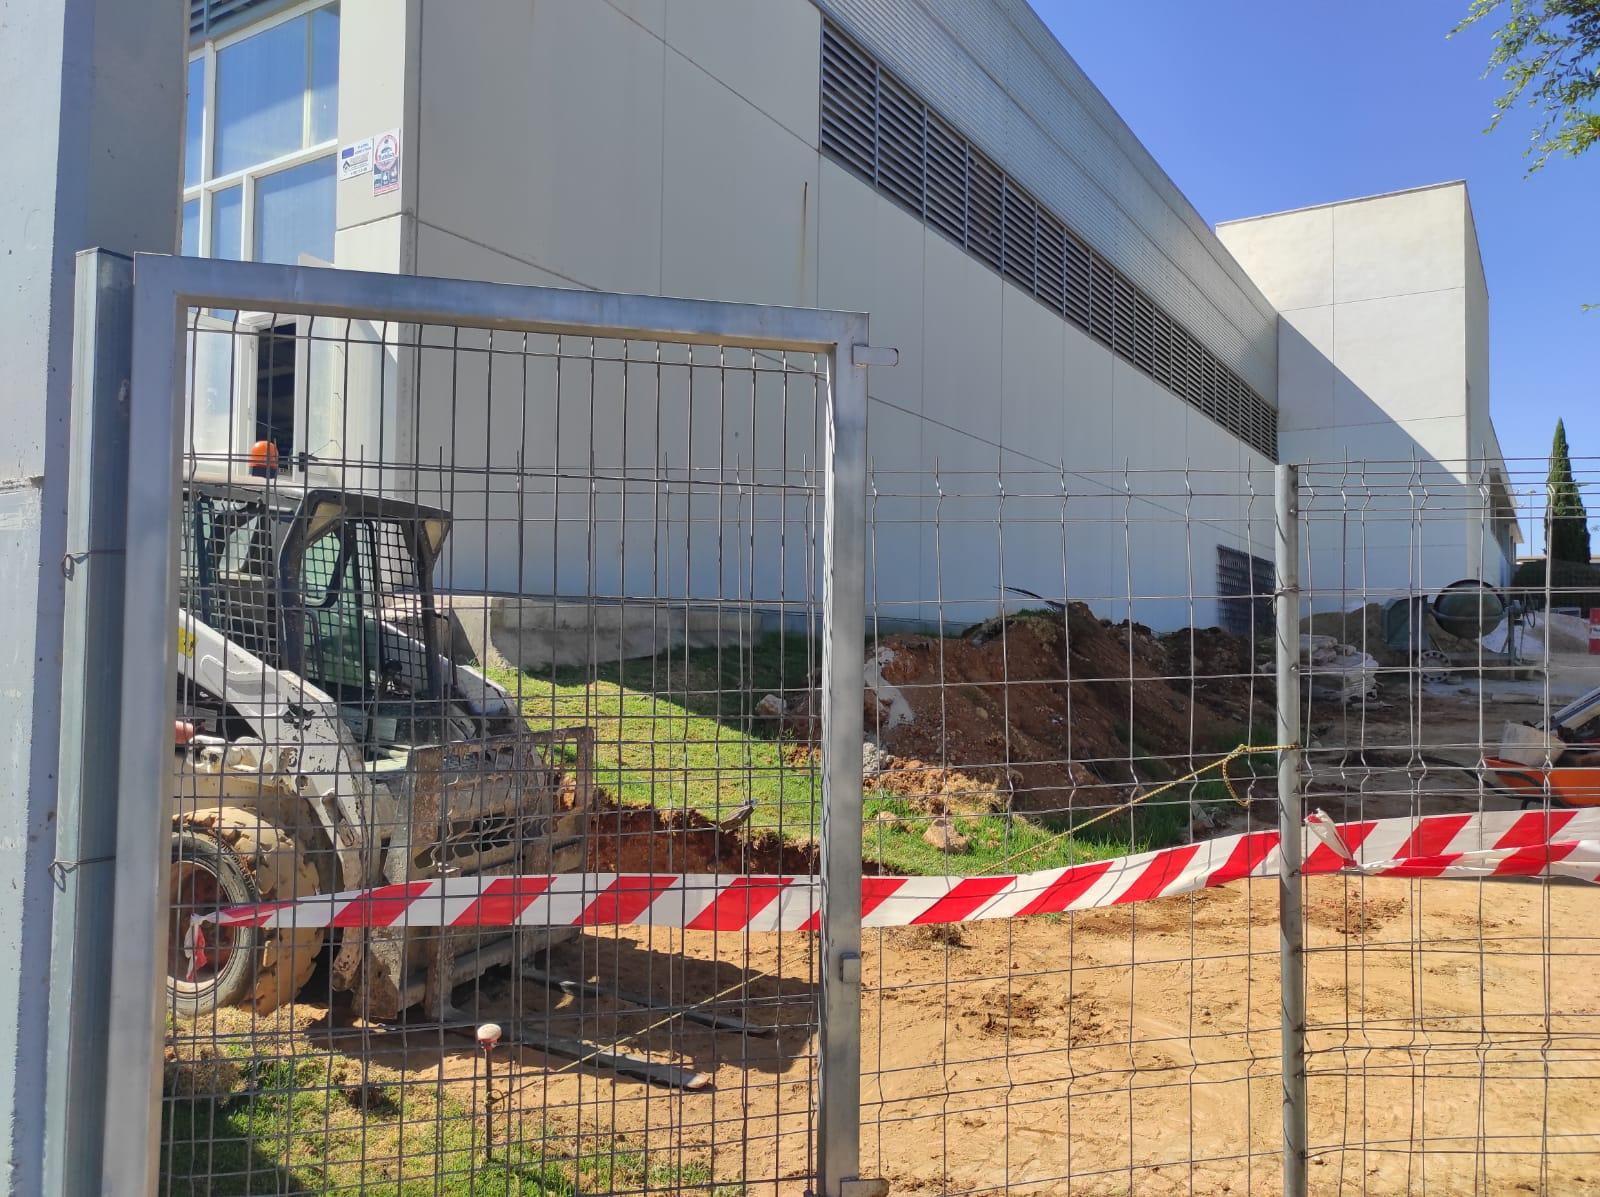 El Ayuntamiento de Alcalá invierte más de 220.000 eurosen obras de mejora en el Complejo Deportivo Distrito Sur 2